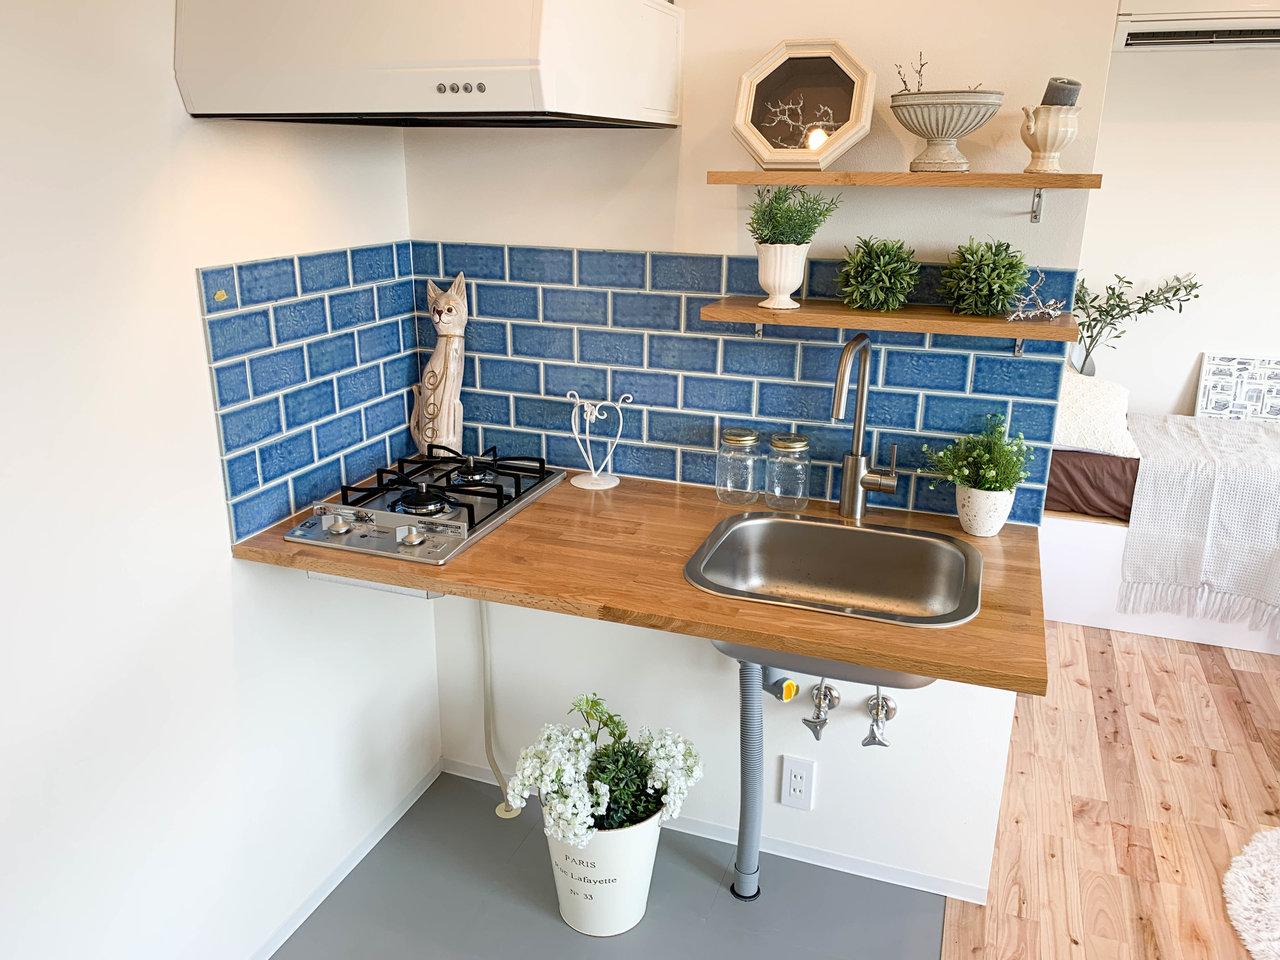 タイルがキュートなキッチンも魅力のひとつ。シンプルな造りのキッチンですが、十分自炊はできそうな二口ガスコンロと作業スペースが。またこちらのキッチンは土間スペースにもなっているので、観葉植物などを置いても部屋の雰囲気が出ていいですね。